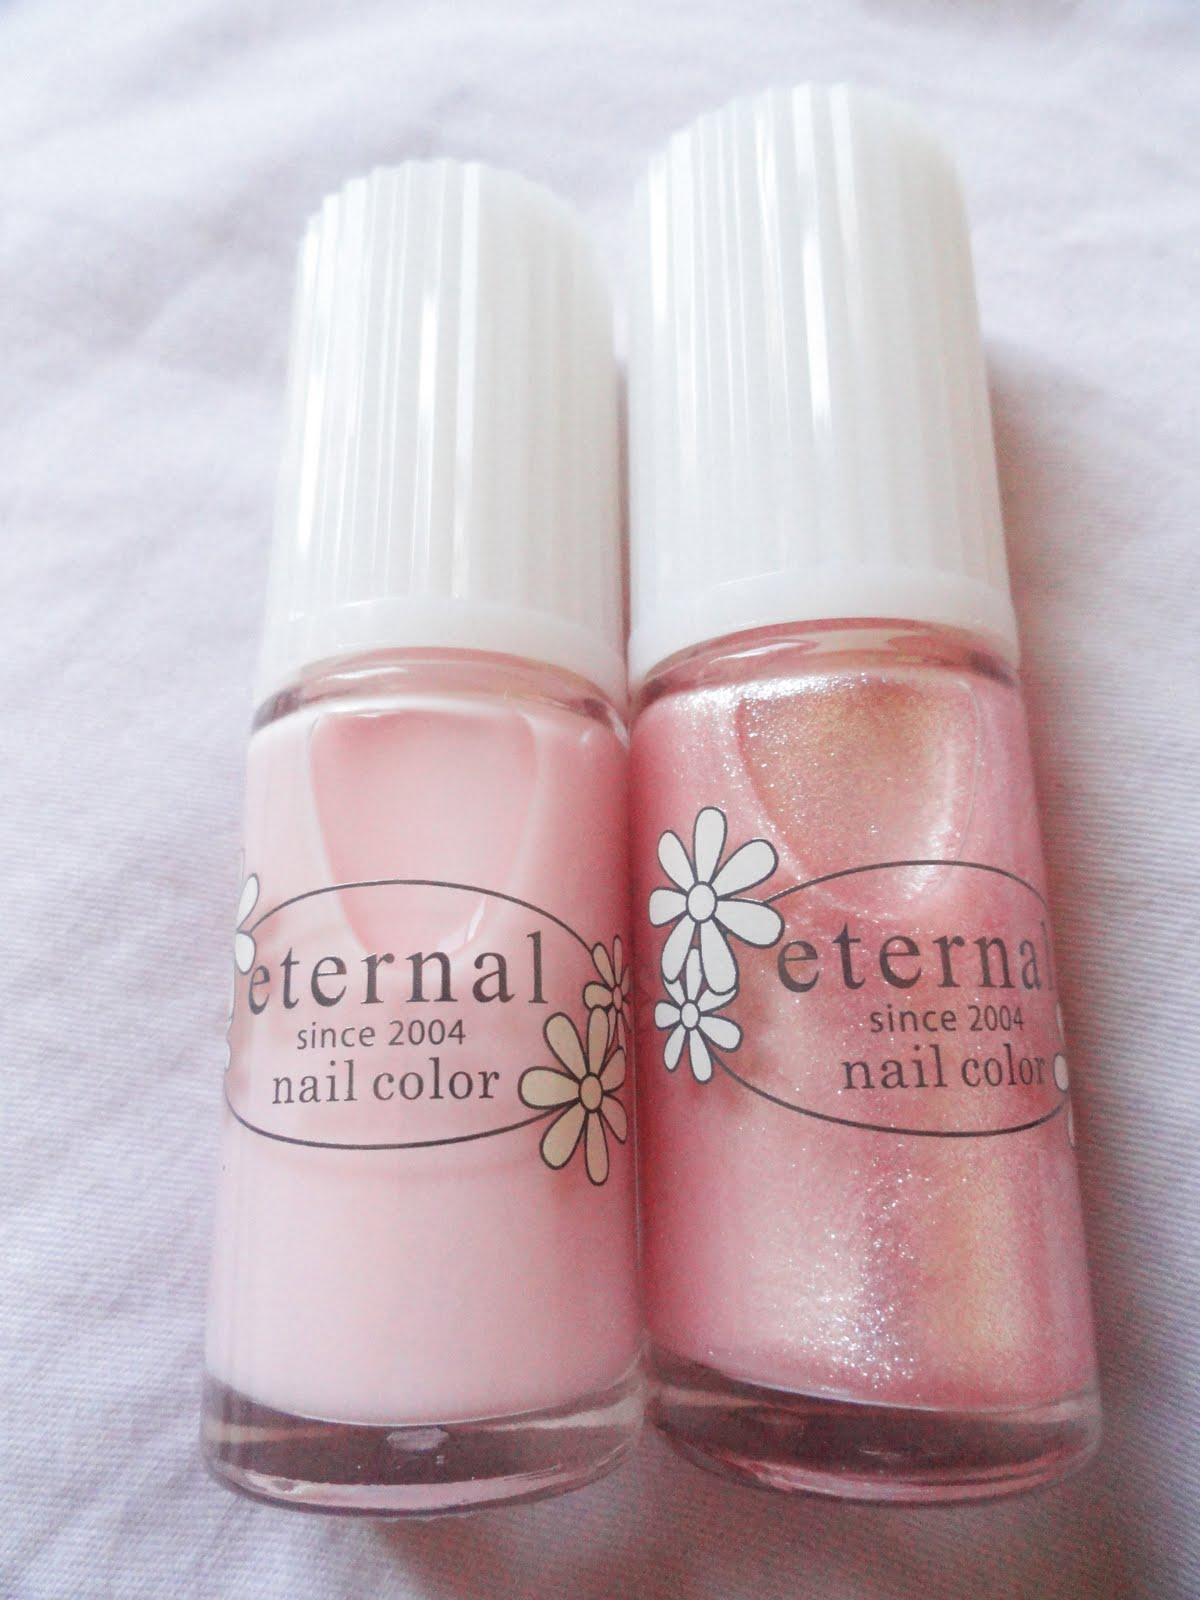 ♥ MoodiBunni ♥: PA Eternal Nail Polish & Glittery Nails *3*